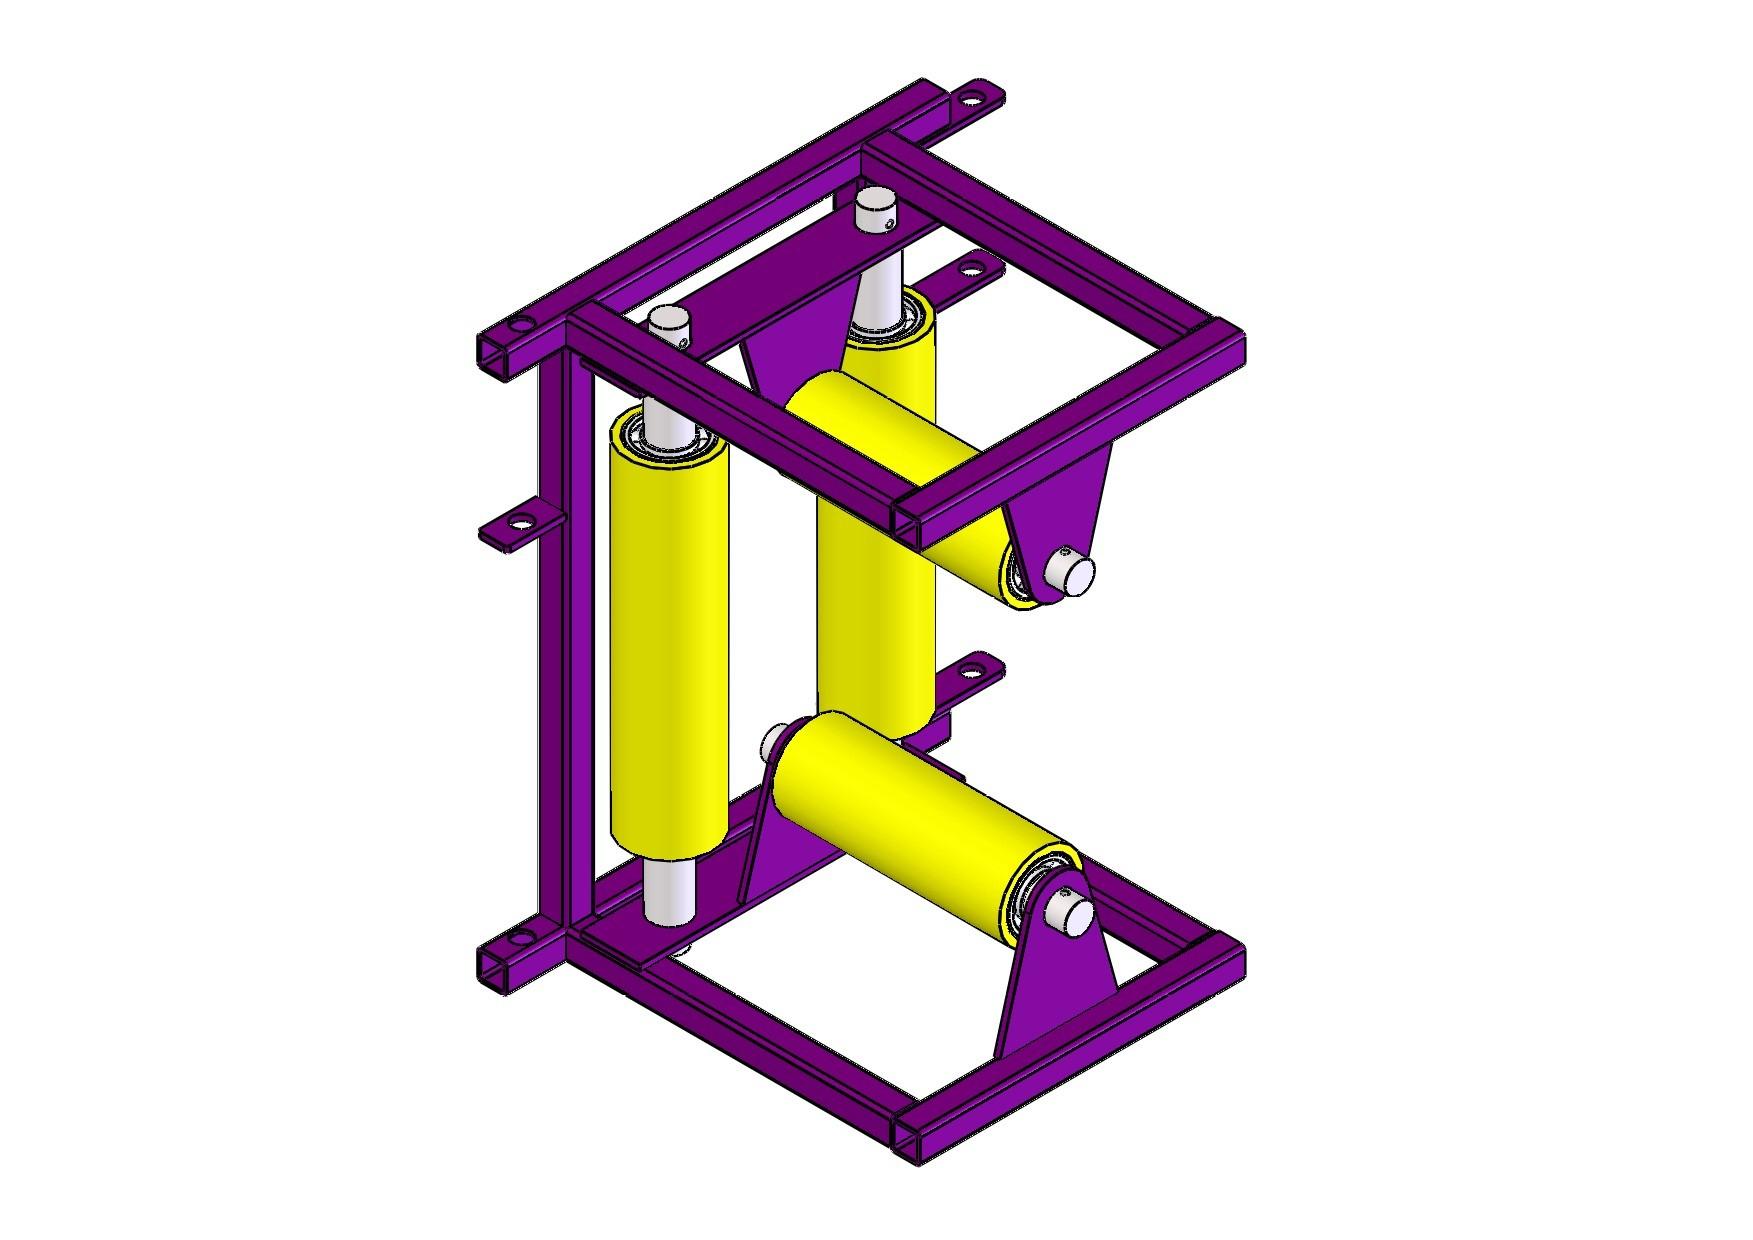 Ролик модульный угловой для прокладки кабеля РПК 4УМ